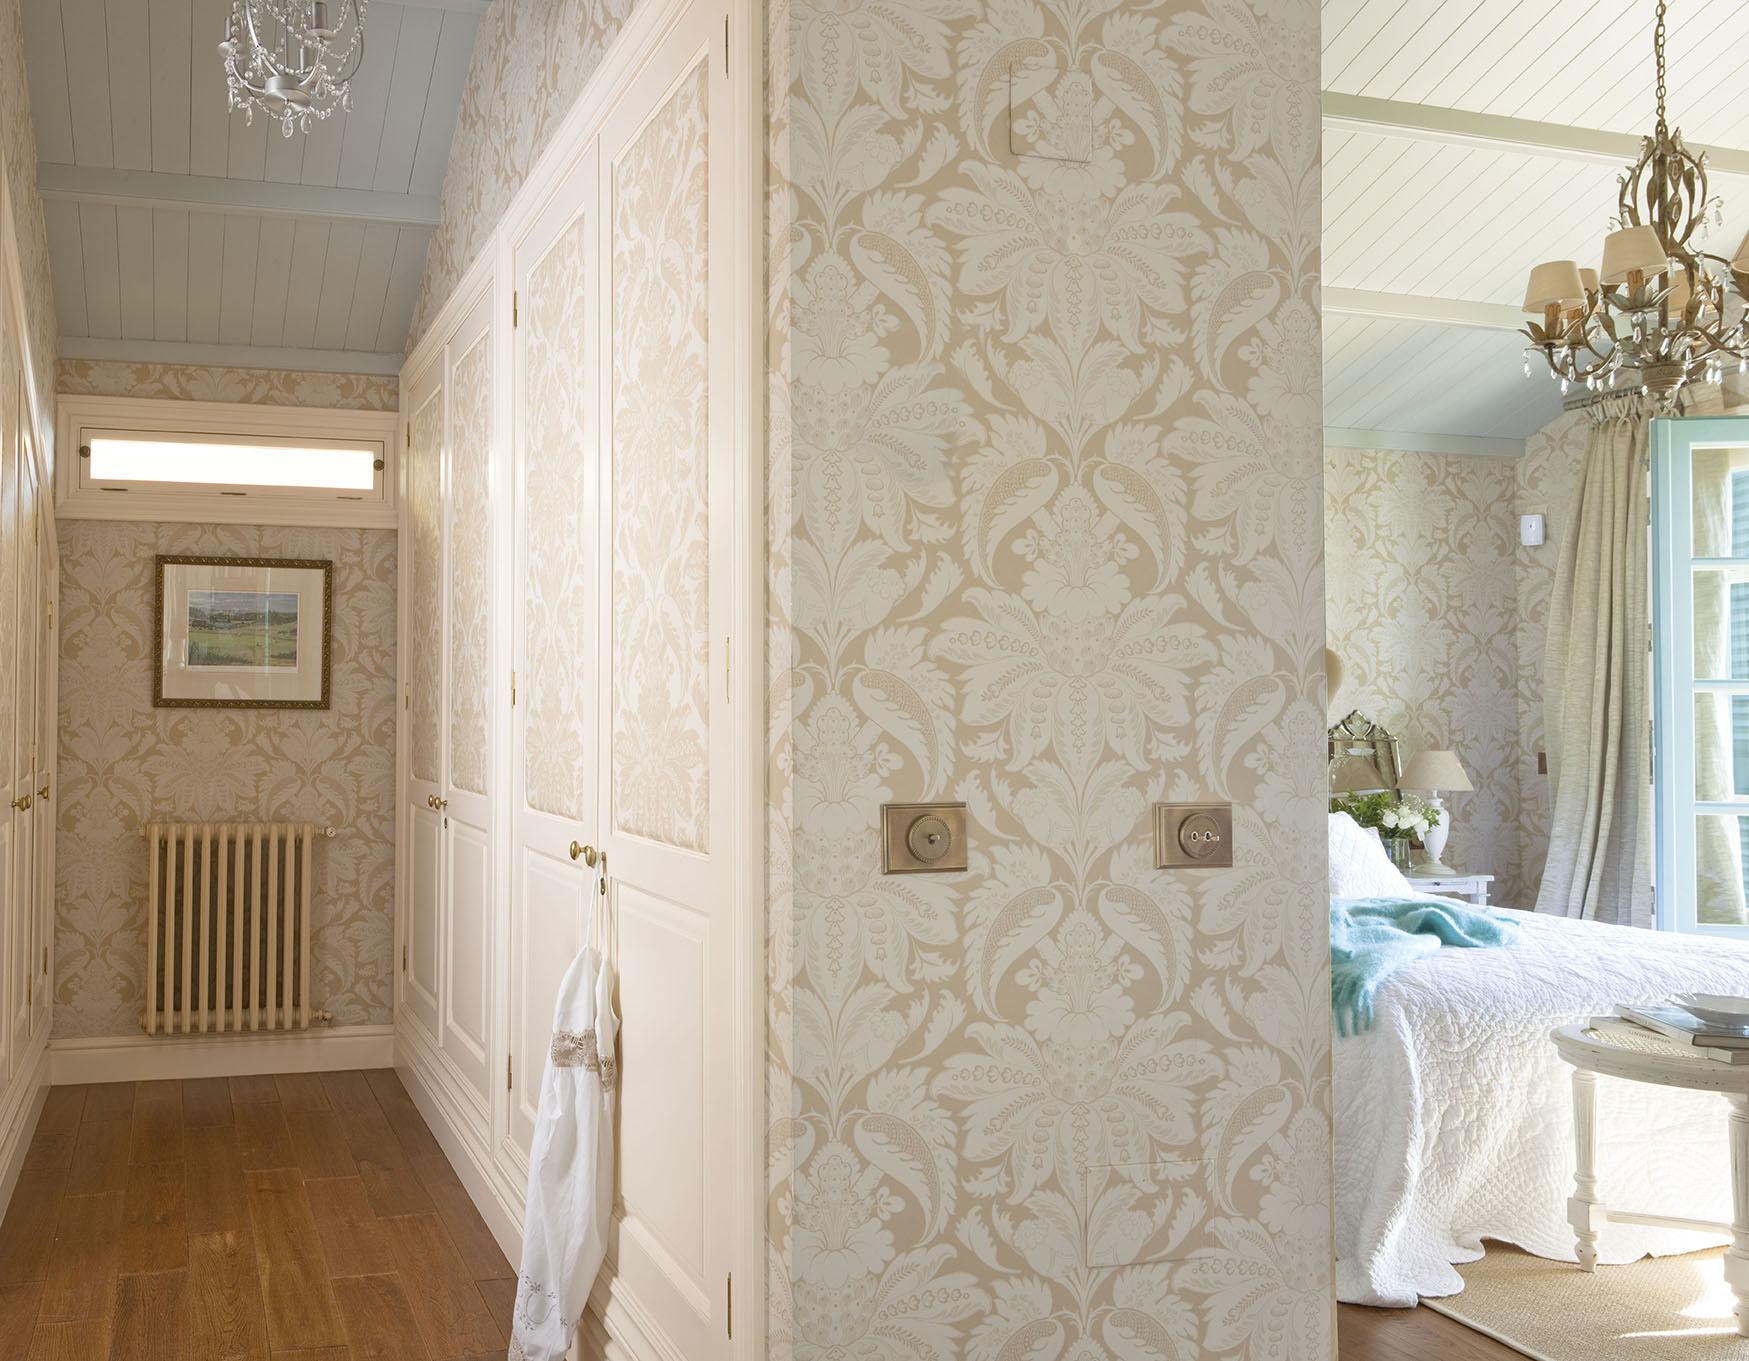 00320831 O. Dormitorio y vestidor con un entelado clásico y separados por un murete_00320831 O